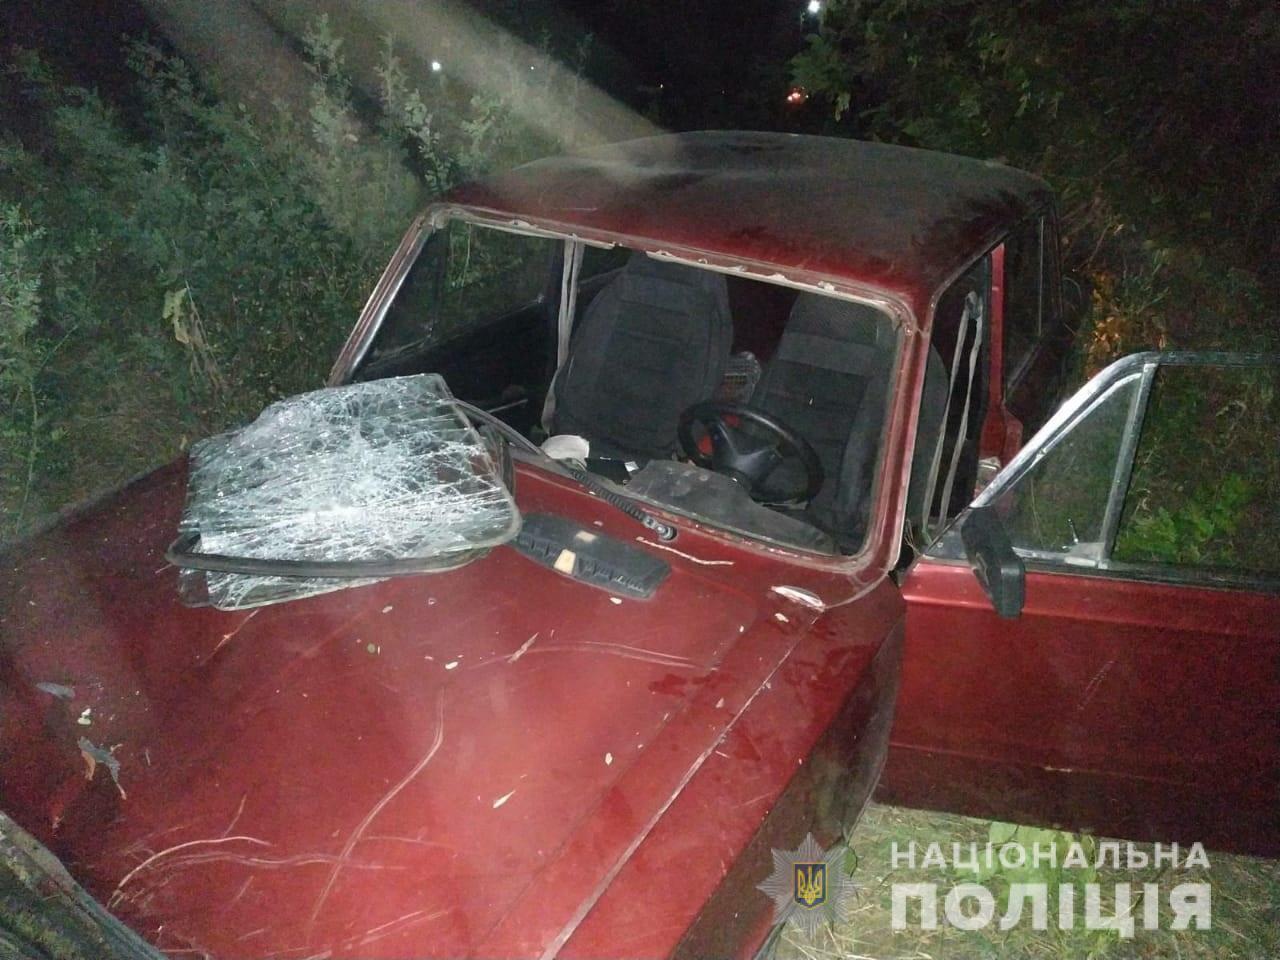 Авто обнаружили за пределами посёлка в посадке